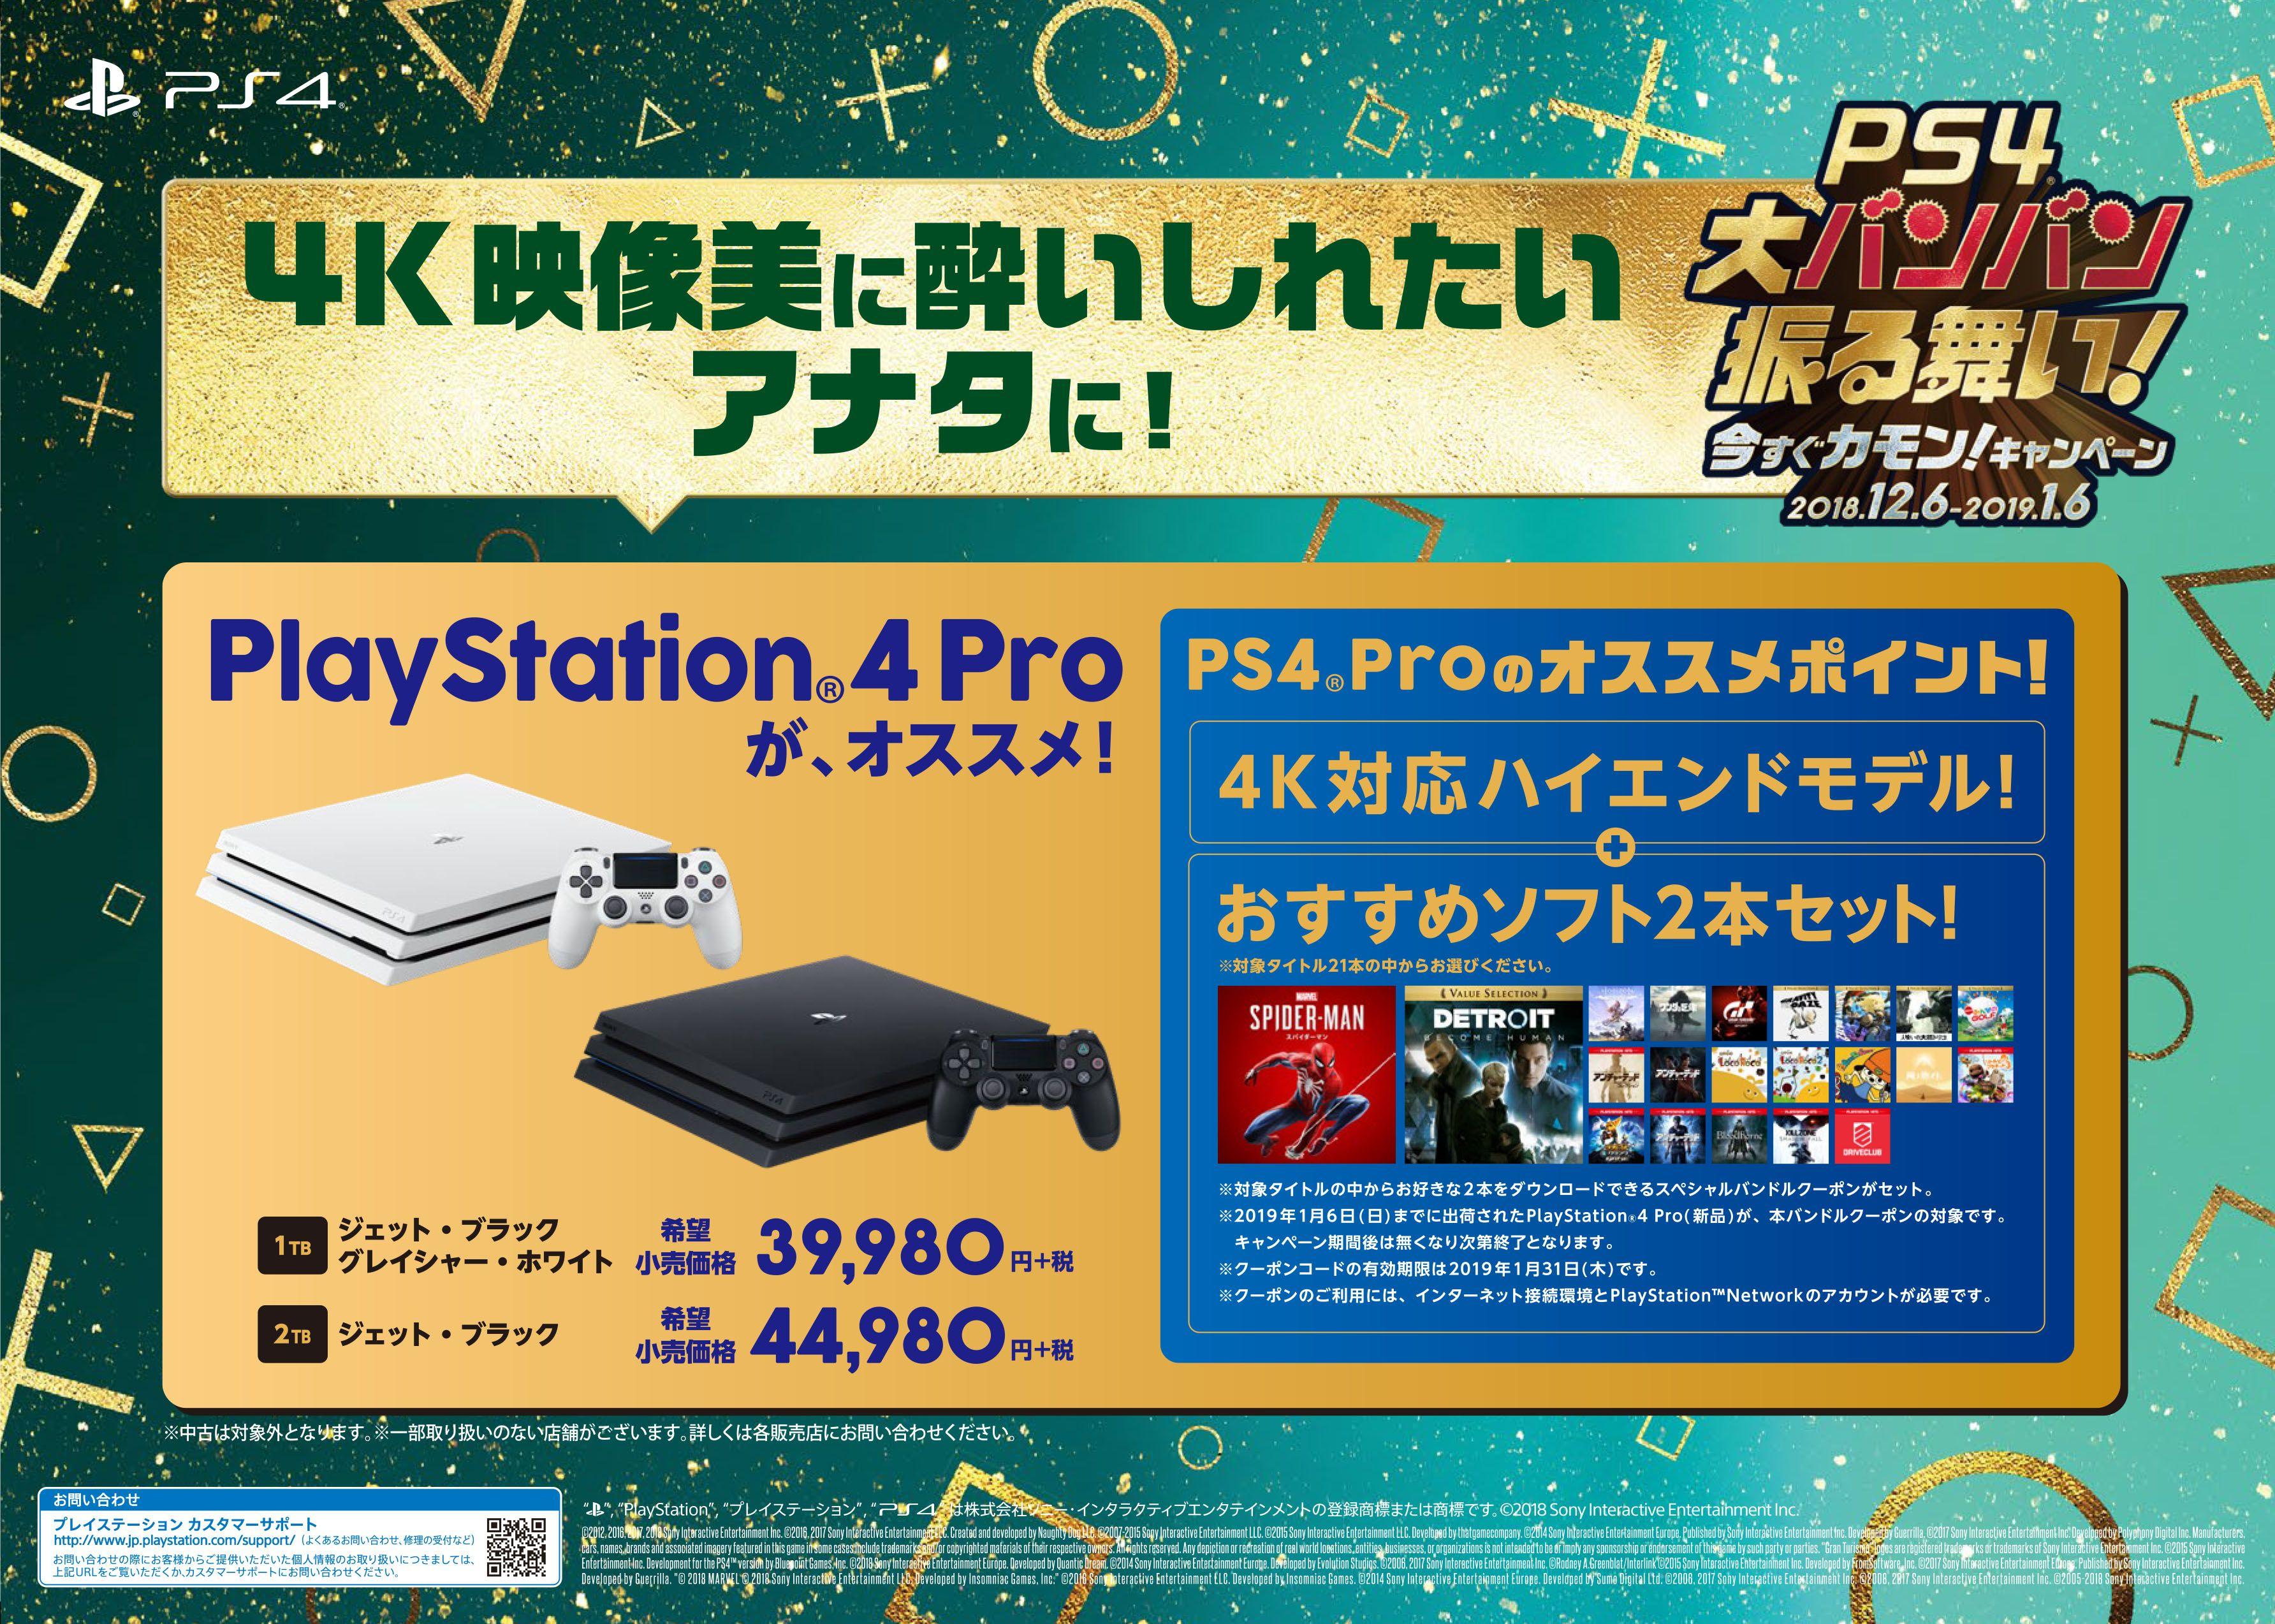 セール ps4 ゴールデンウィークはうちでゲームを楽しもう。Switch/PS4/PCのセール作品からおすすめタイトルを紹介